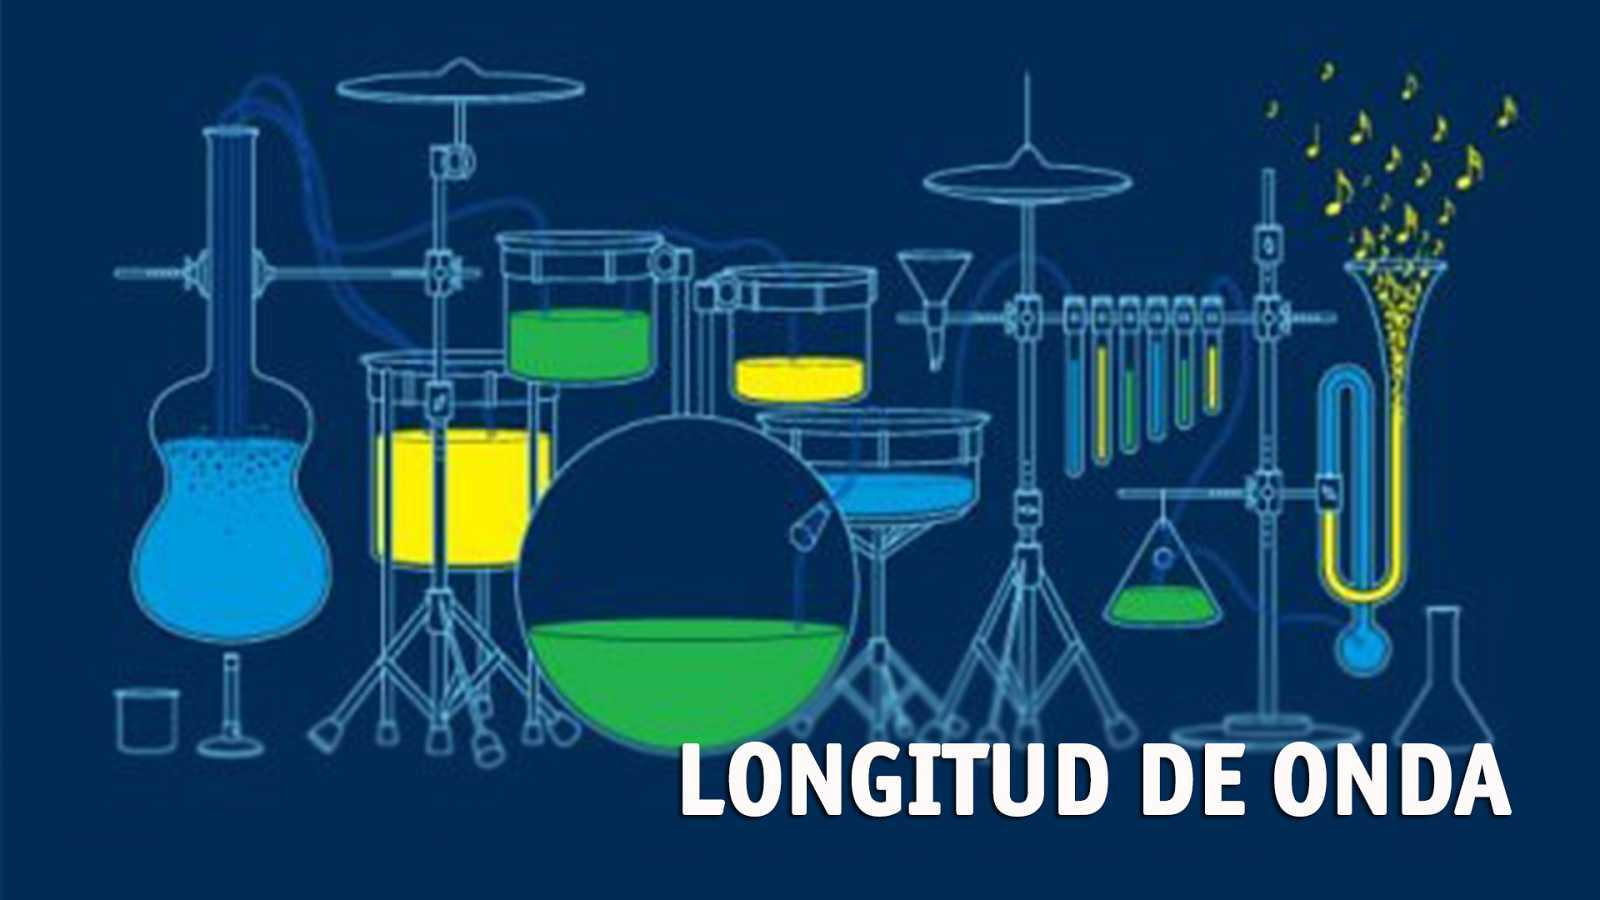 Longitud de onda - Arqueología musical - 29/01/18 - escuchar ahora